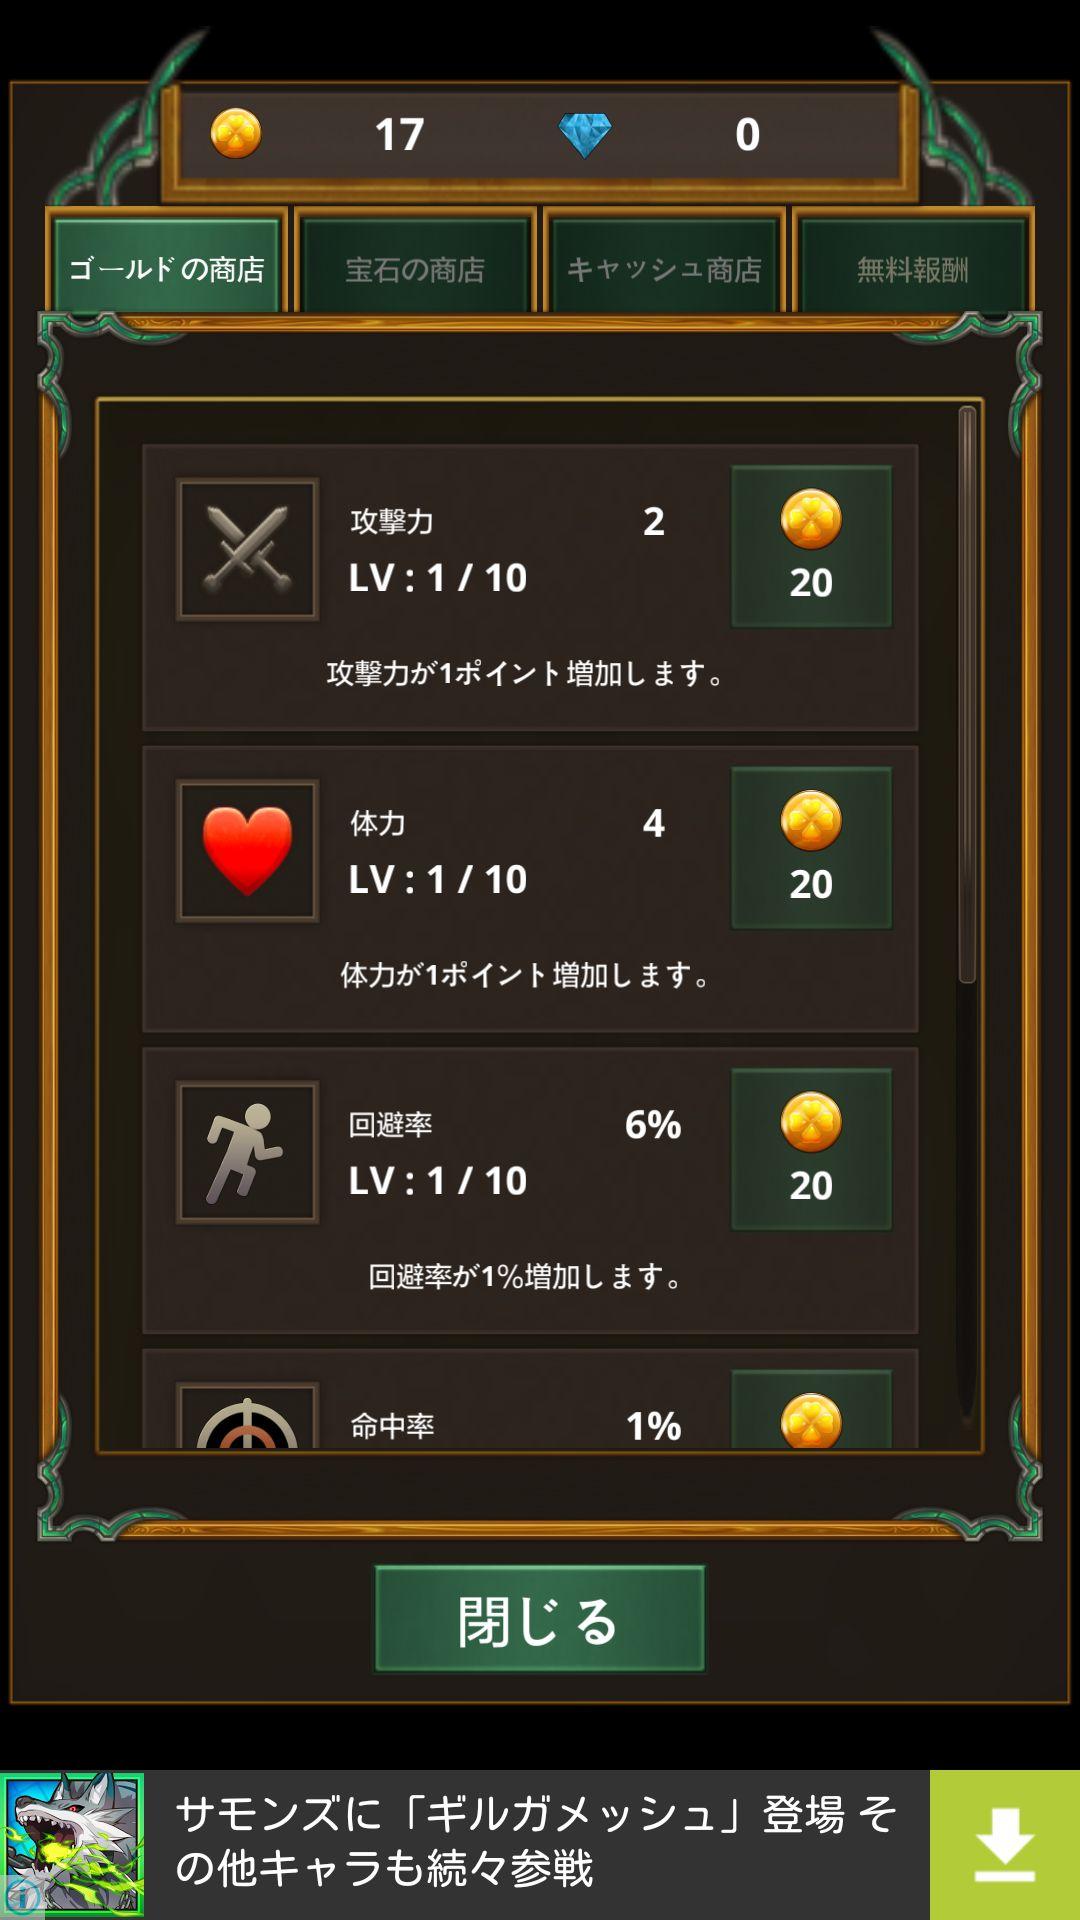 幸運勇者 androidアプリスクリーンショット3